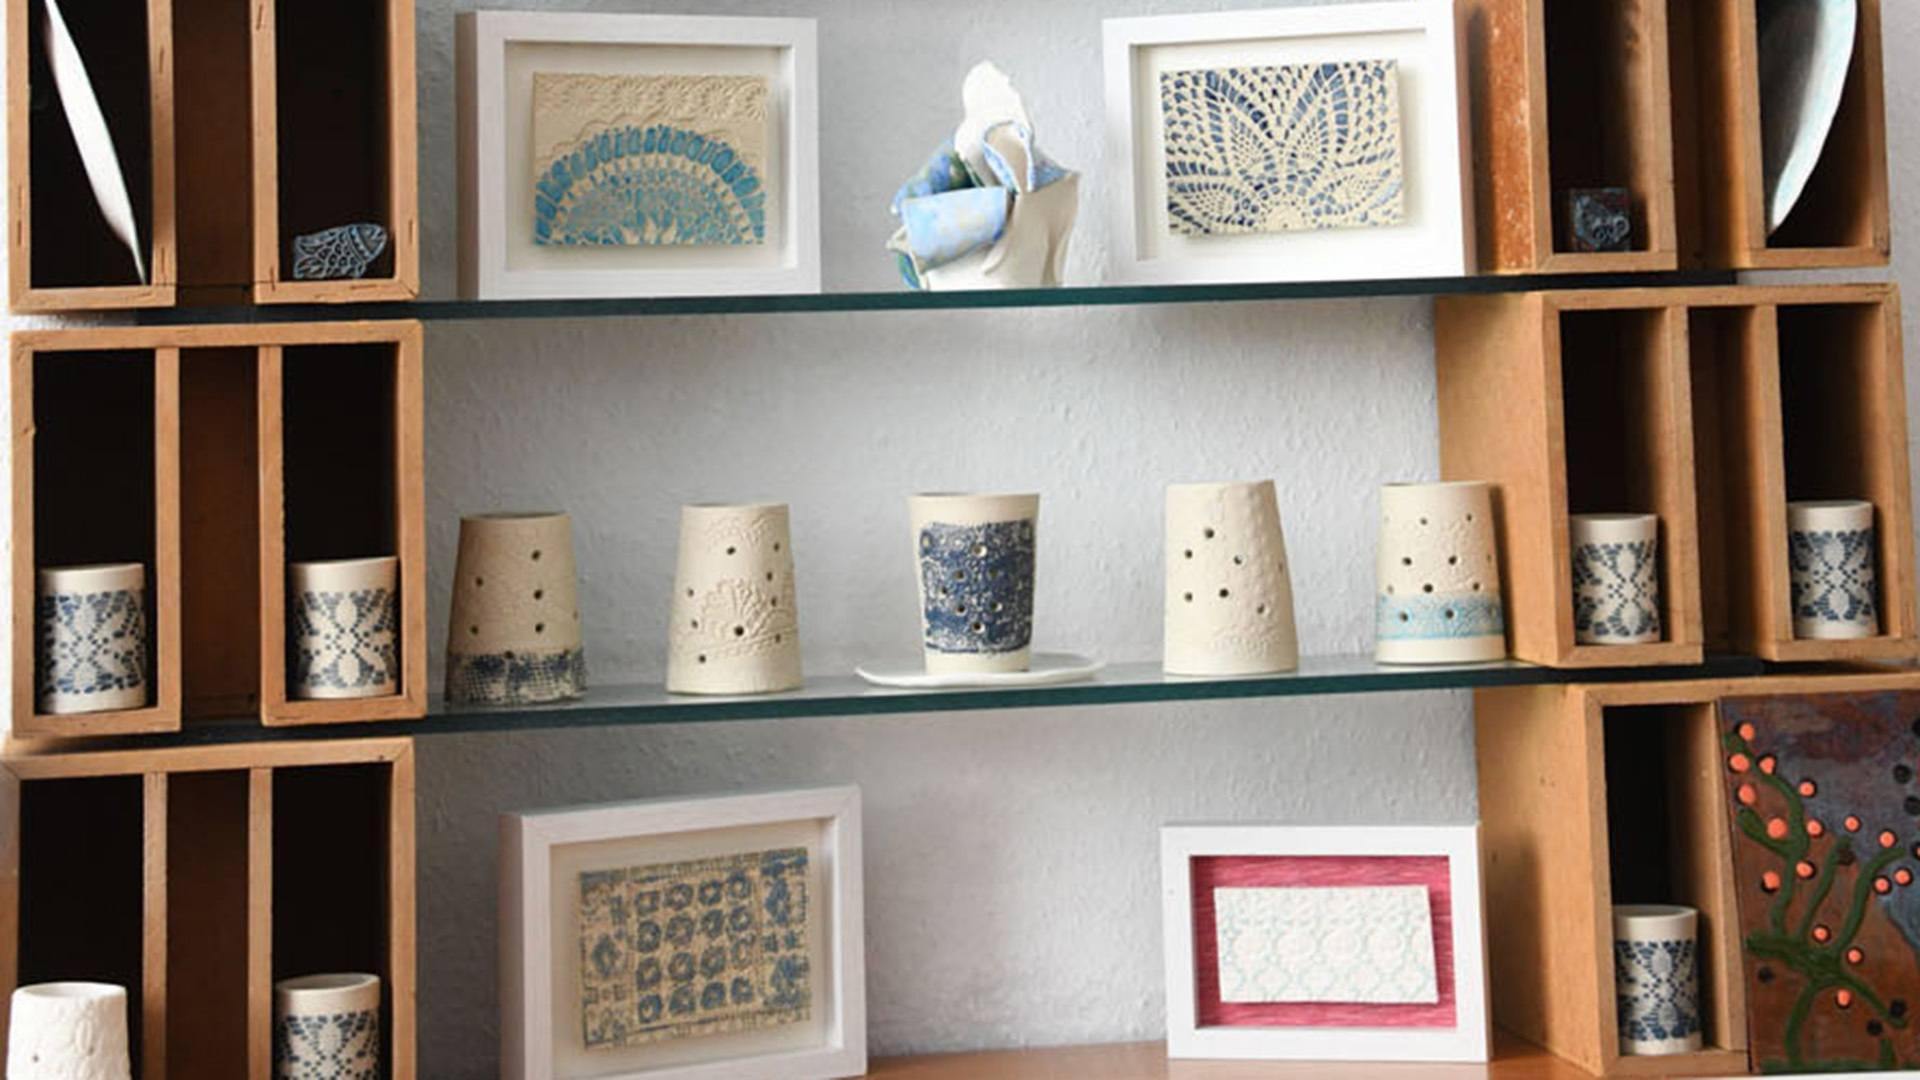 Des céramiques inspirées de la dentelle et du fil DMC